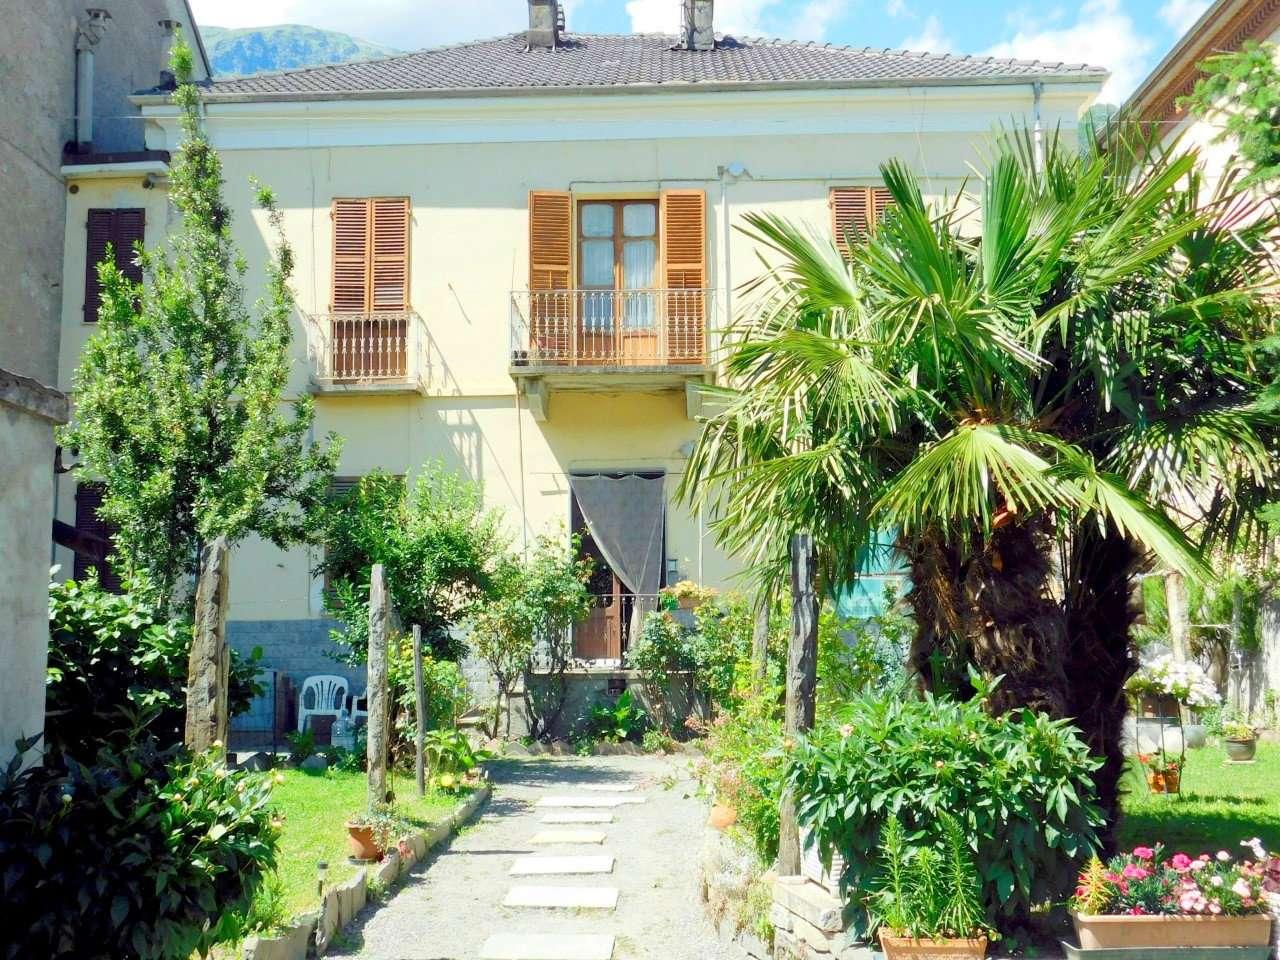 Appartamento in vendita a Bussoleno, 6 locali, prezzo € 79.000 | CambioCasa.it